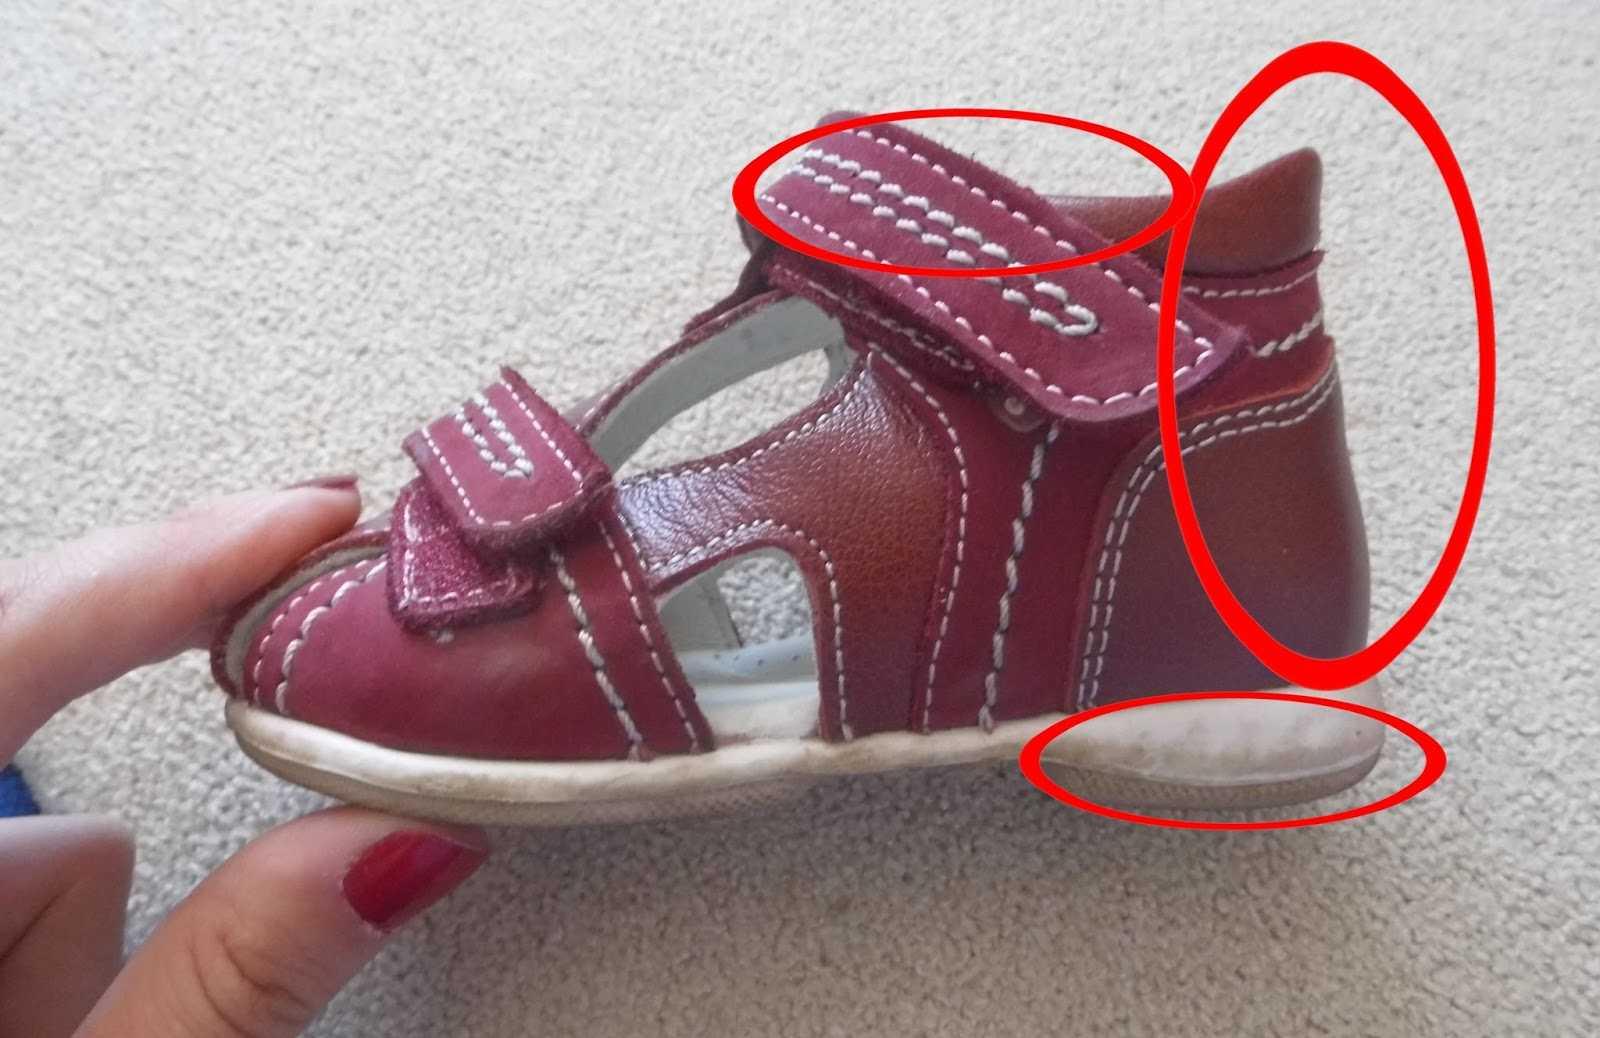 Оцените статью в которой идет речь о выборе первой обуви для ребенка Информация станет полезной для всех родителей столкнувшиеся с данным вопросом